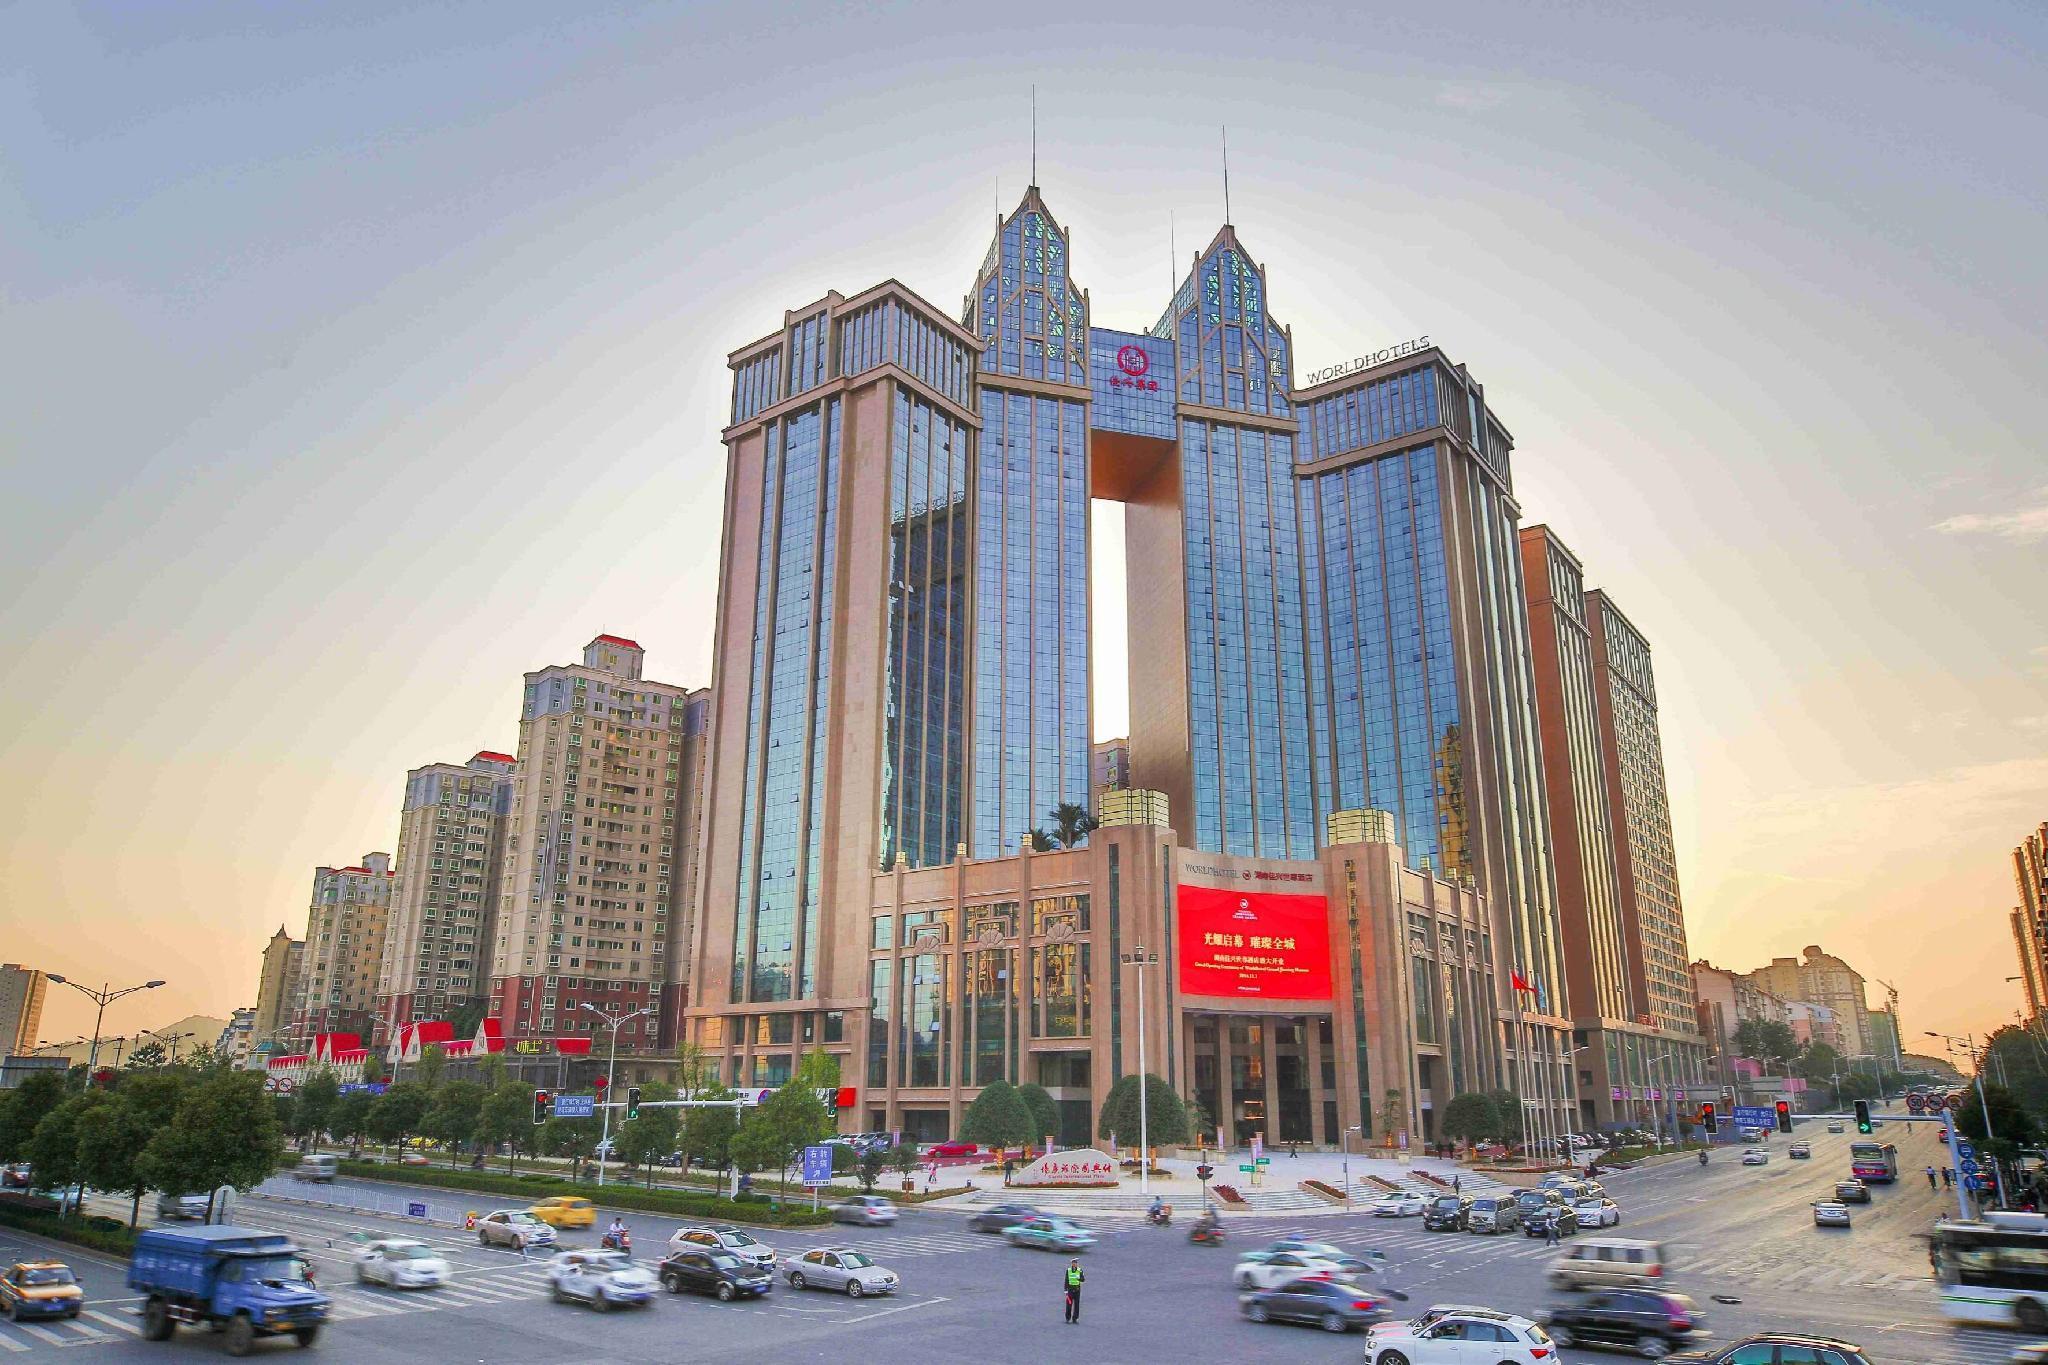 Worldhotel Grand Jiaxing Changsha